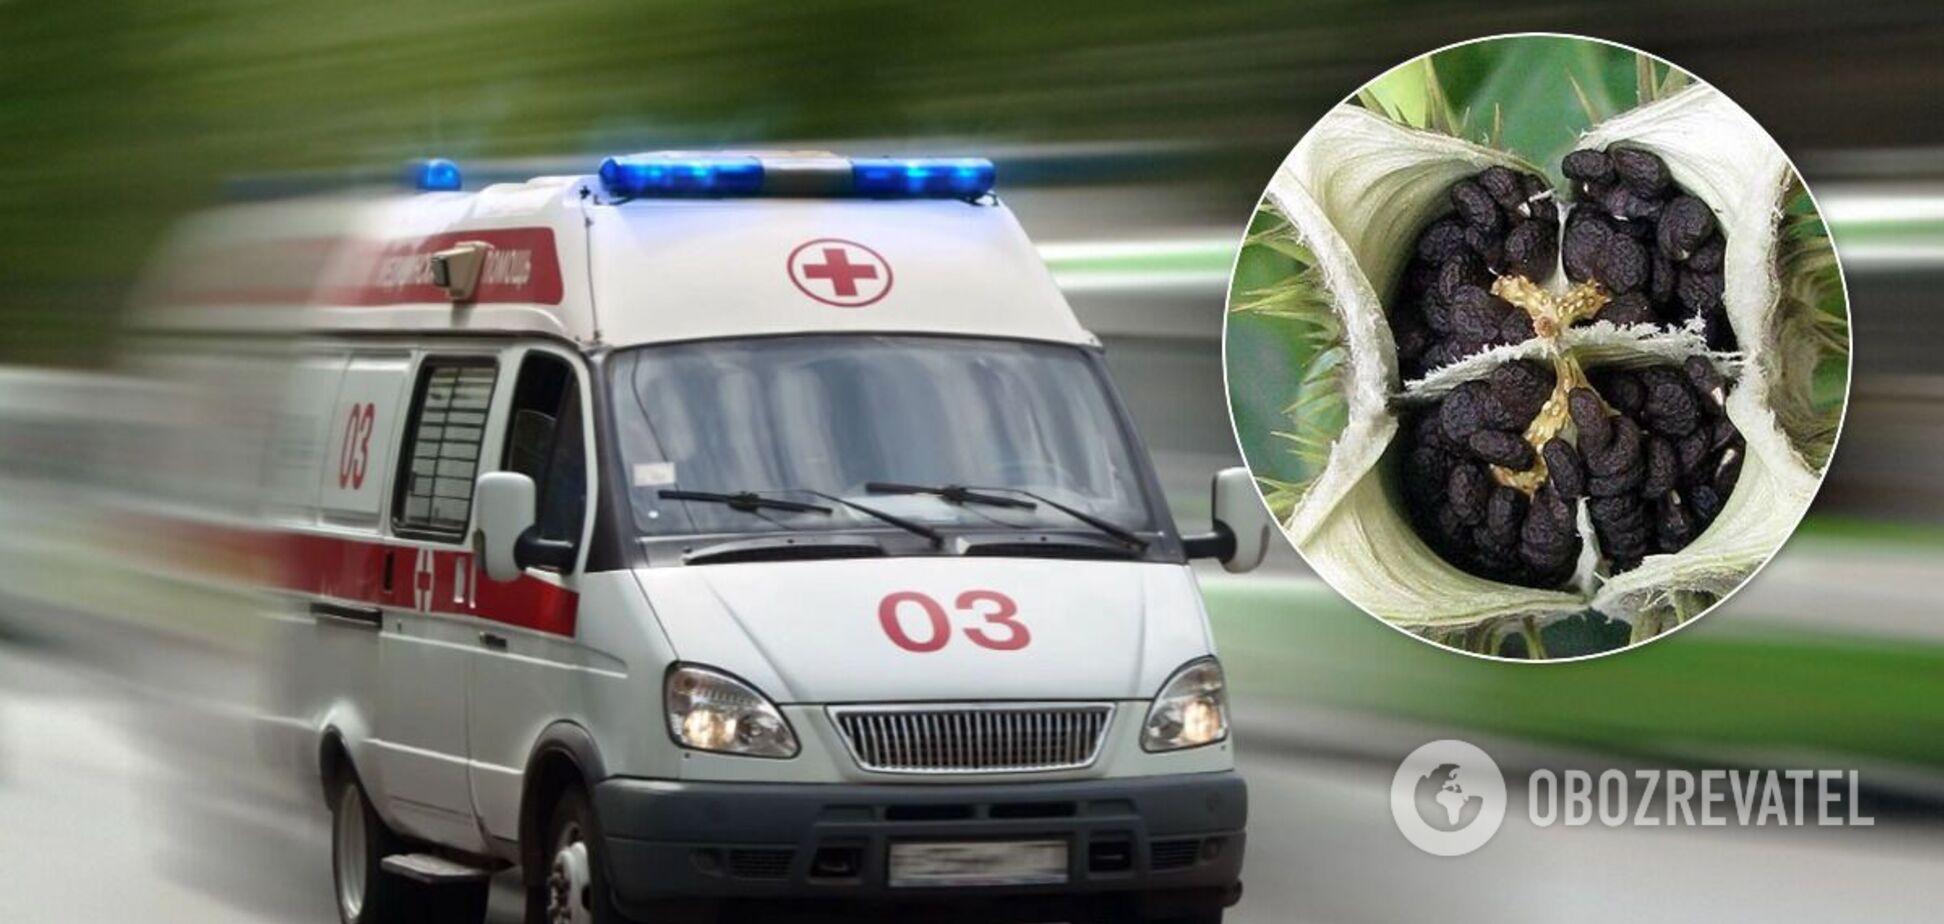 На Днепропетровщине двое детей попали в реанимацию после отравления дурманом